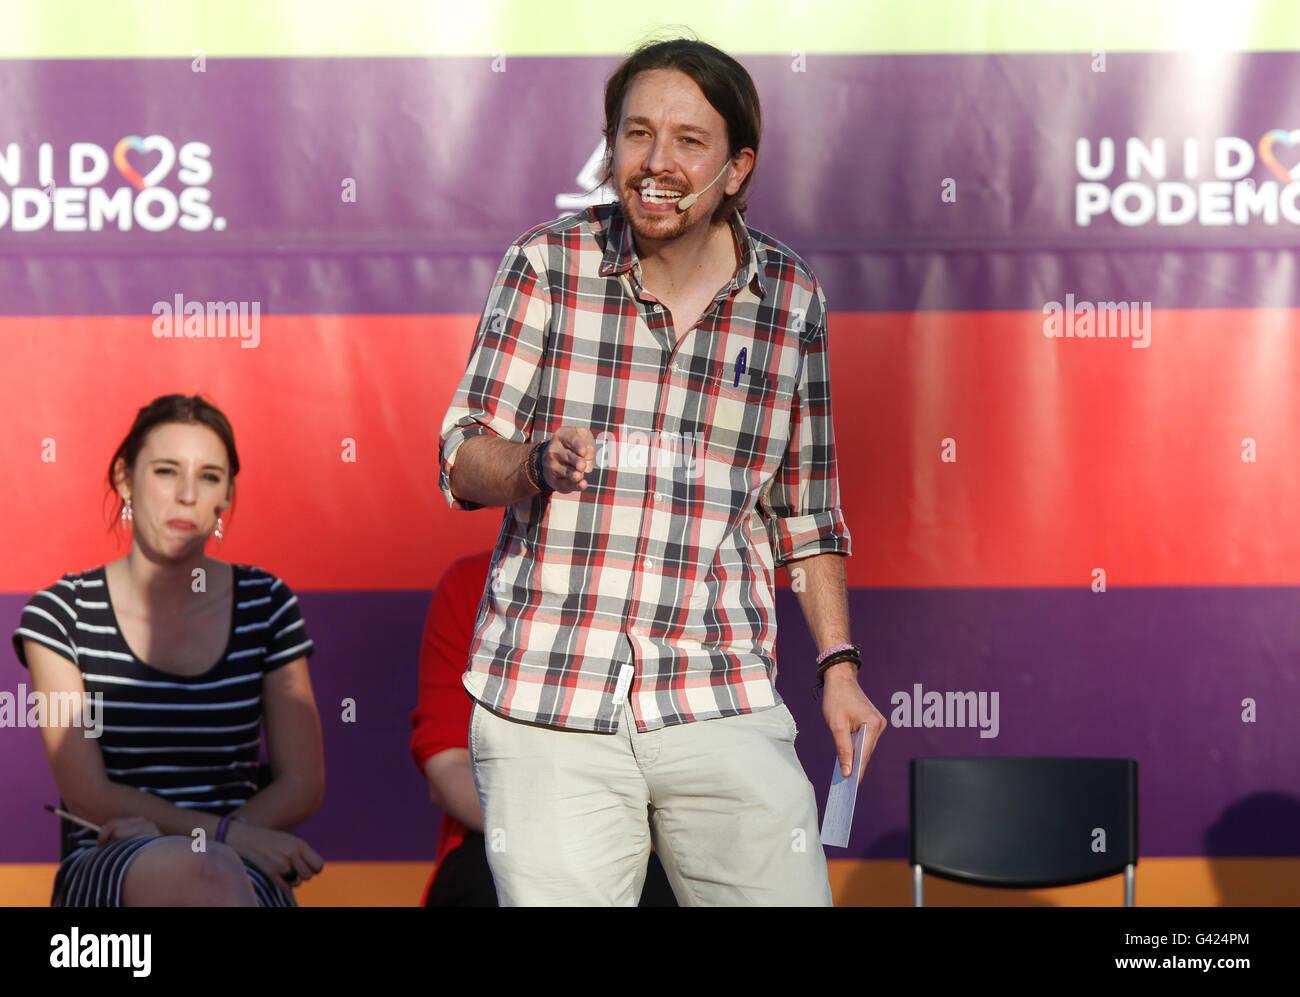 Palma de Mallorca, Spain. 16th June, 2016. Pablo Iglesias , leader of Podemos. In the political rally in Palma de - Stock Image